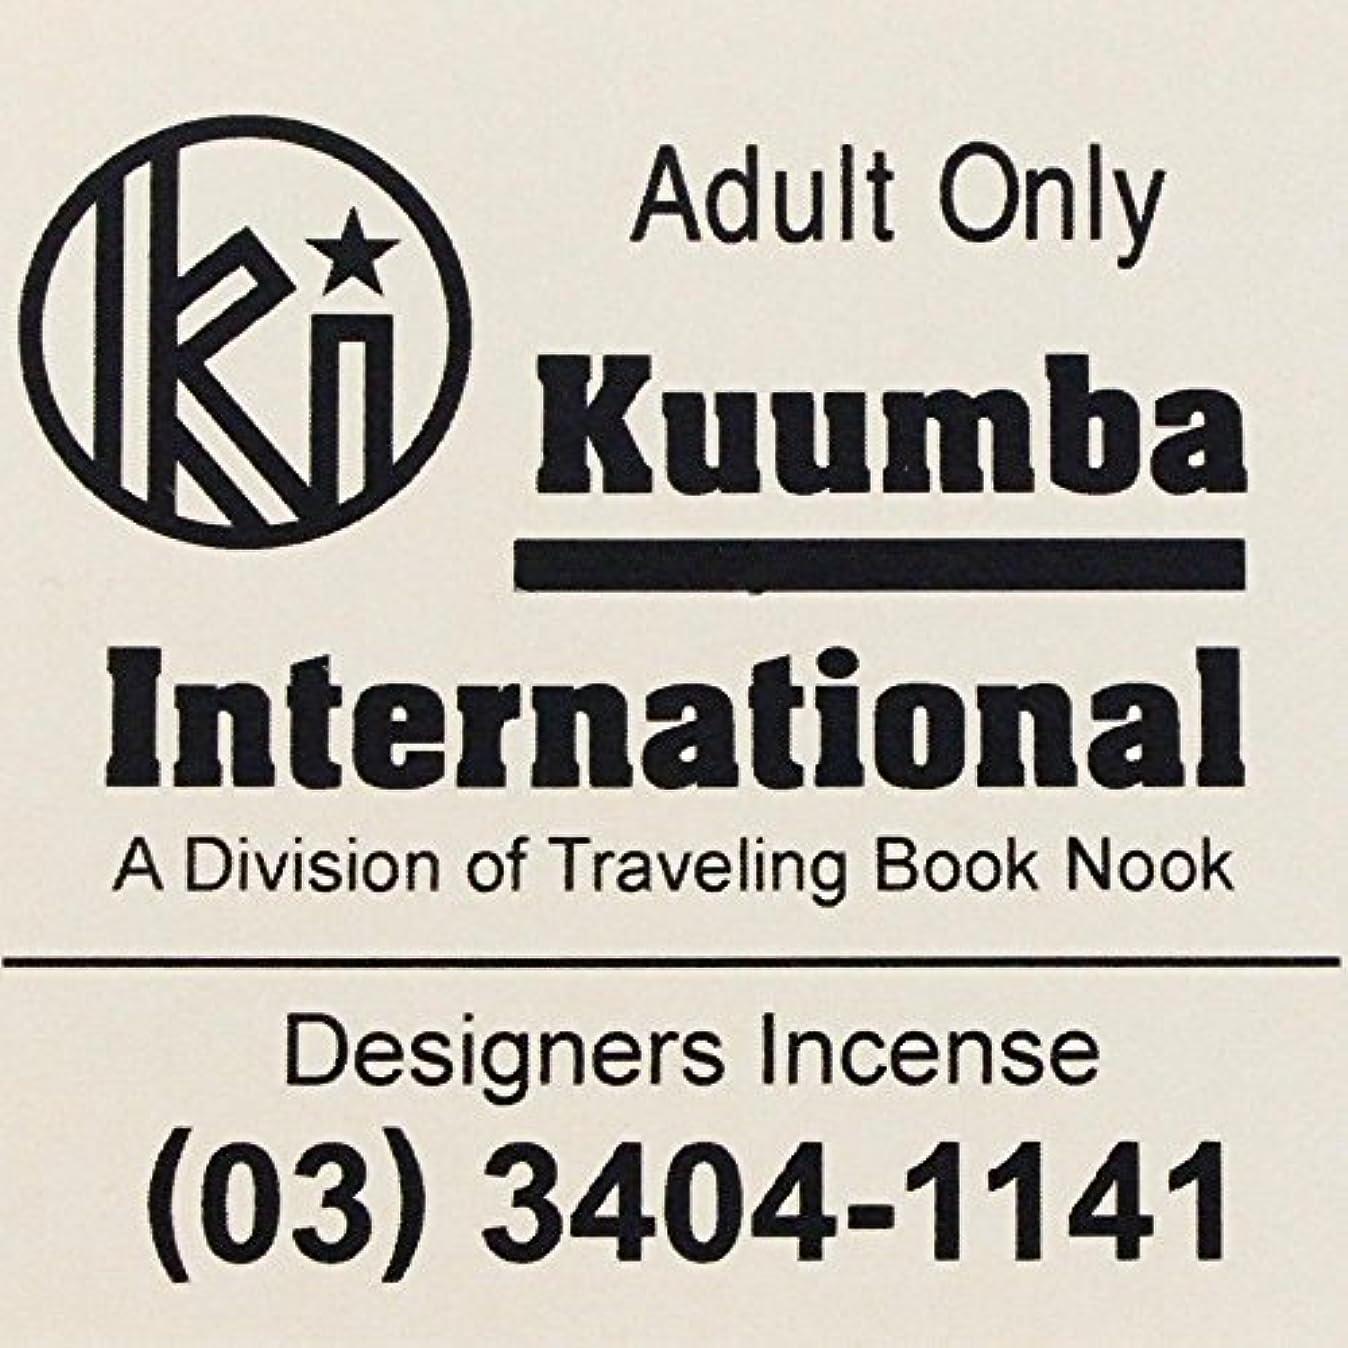 櫛金曜日絶え間ない(クンバ) KUUMBA『incense』(Adult Only) (Regular size)